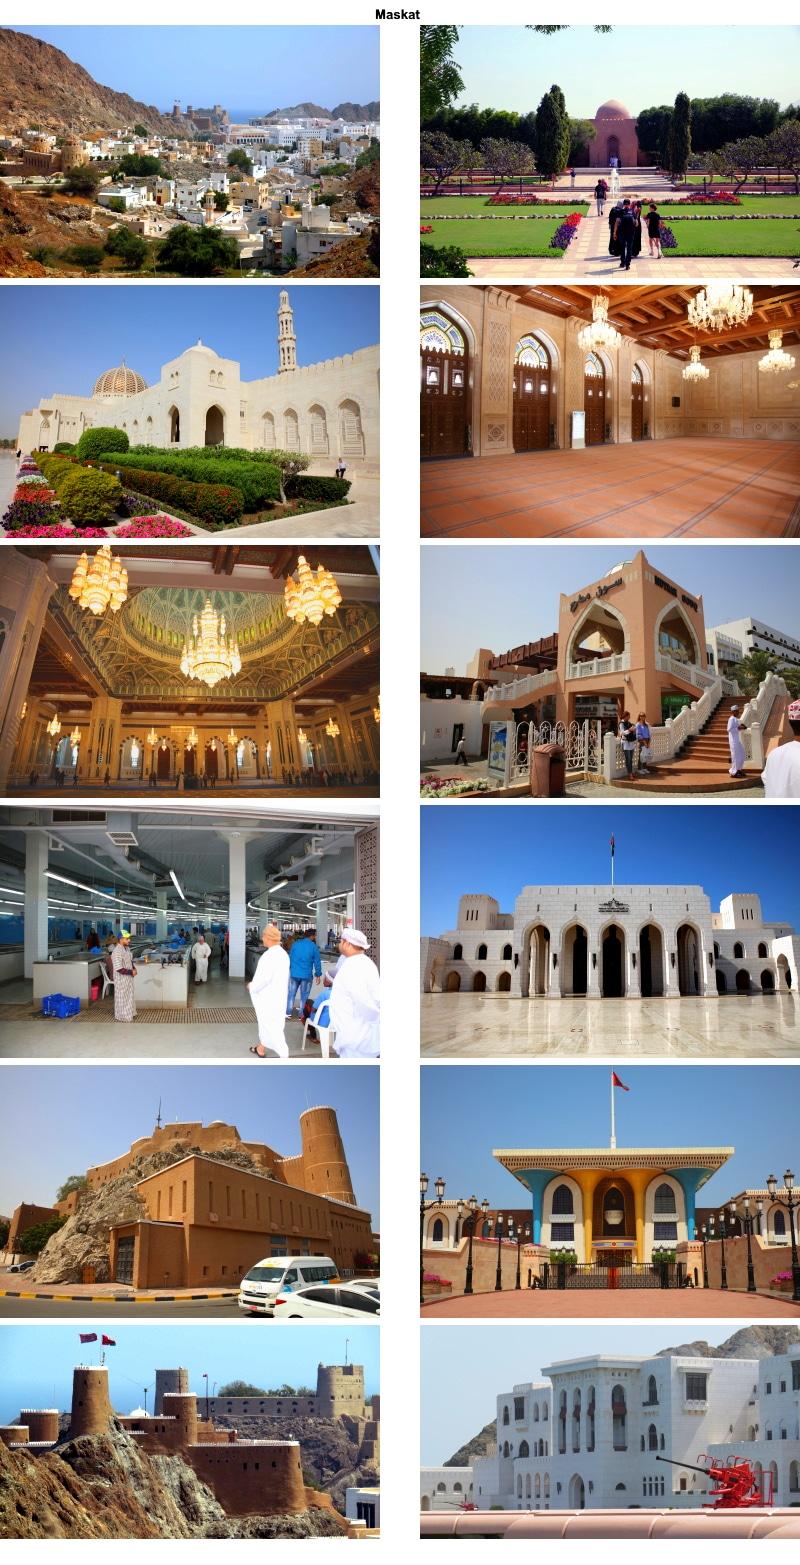 Geheimnisvoller Orient. Für viele Reisende steht der Oman mit der Hauptstadt Maskat noch auf der Reiseliste.